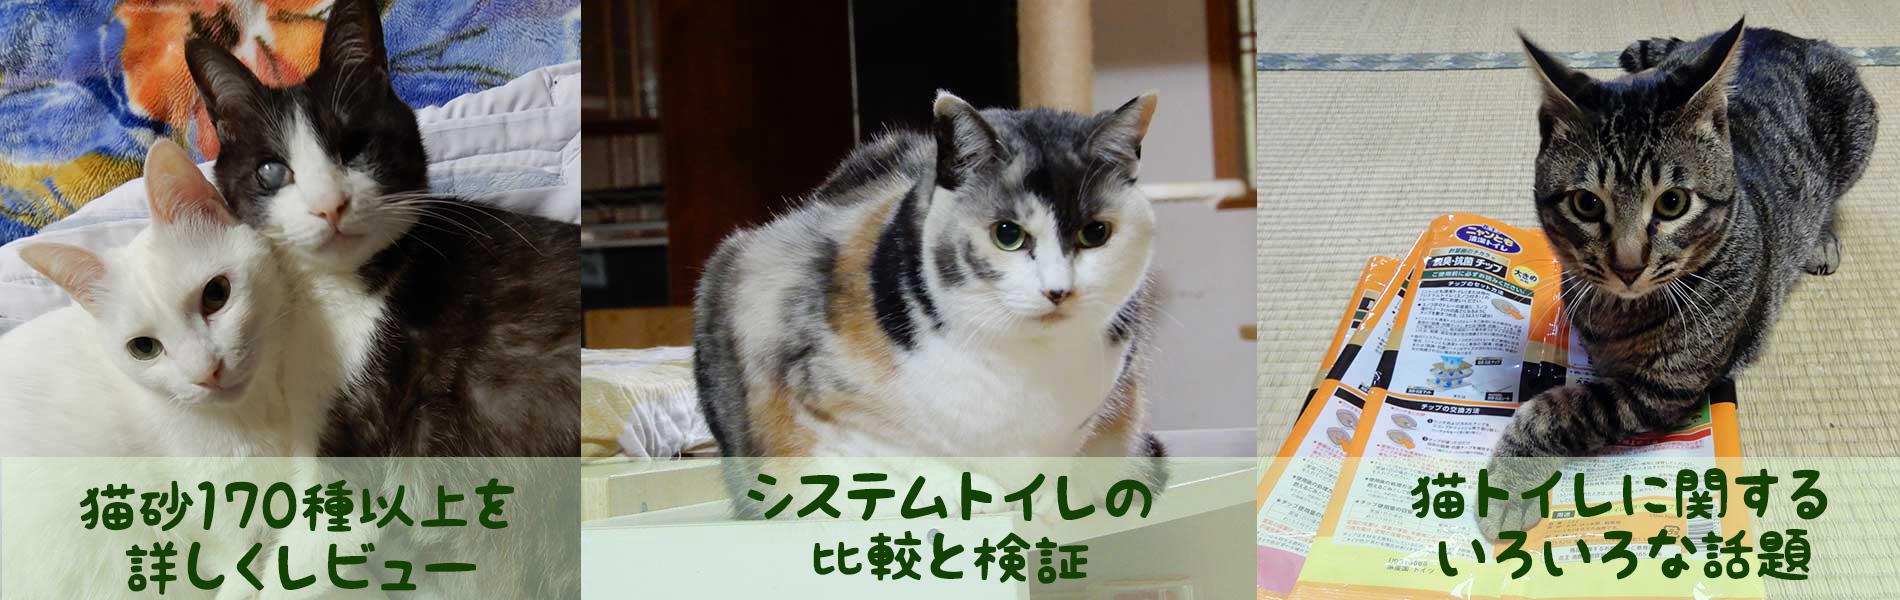 猫砂レポート